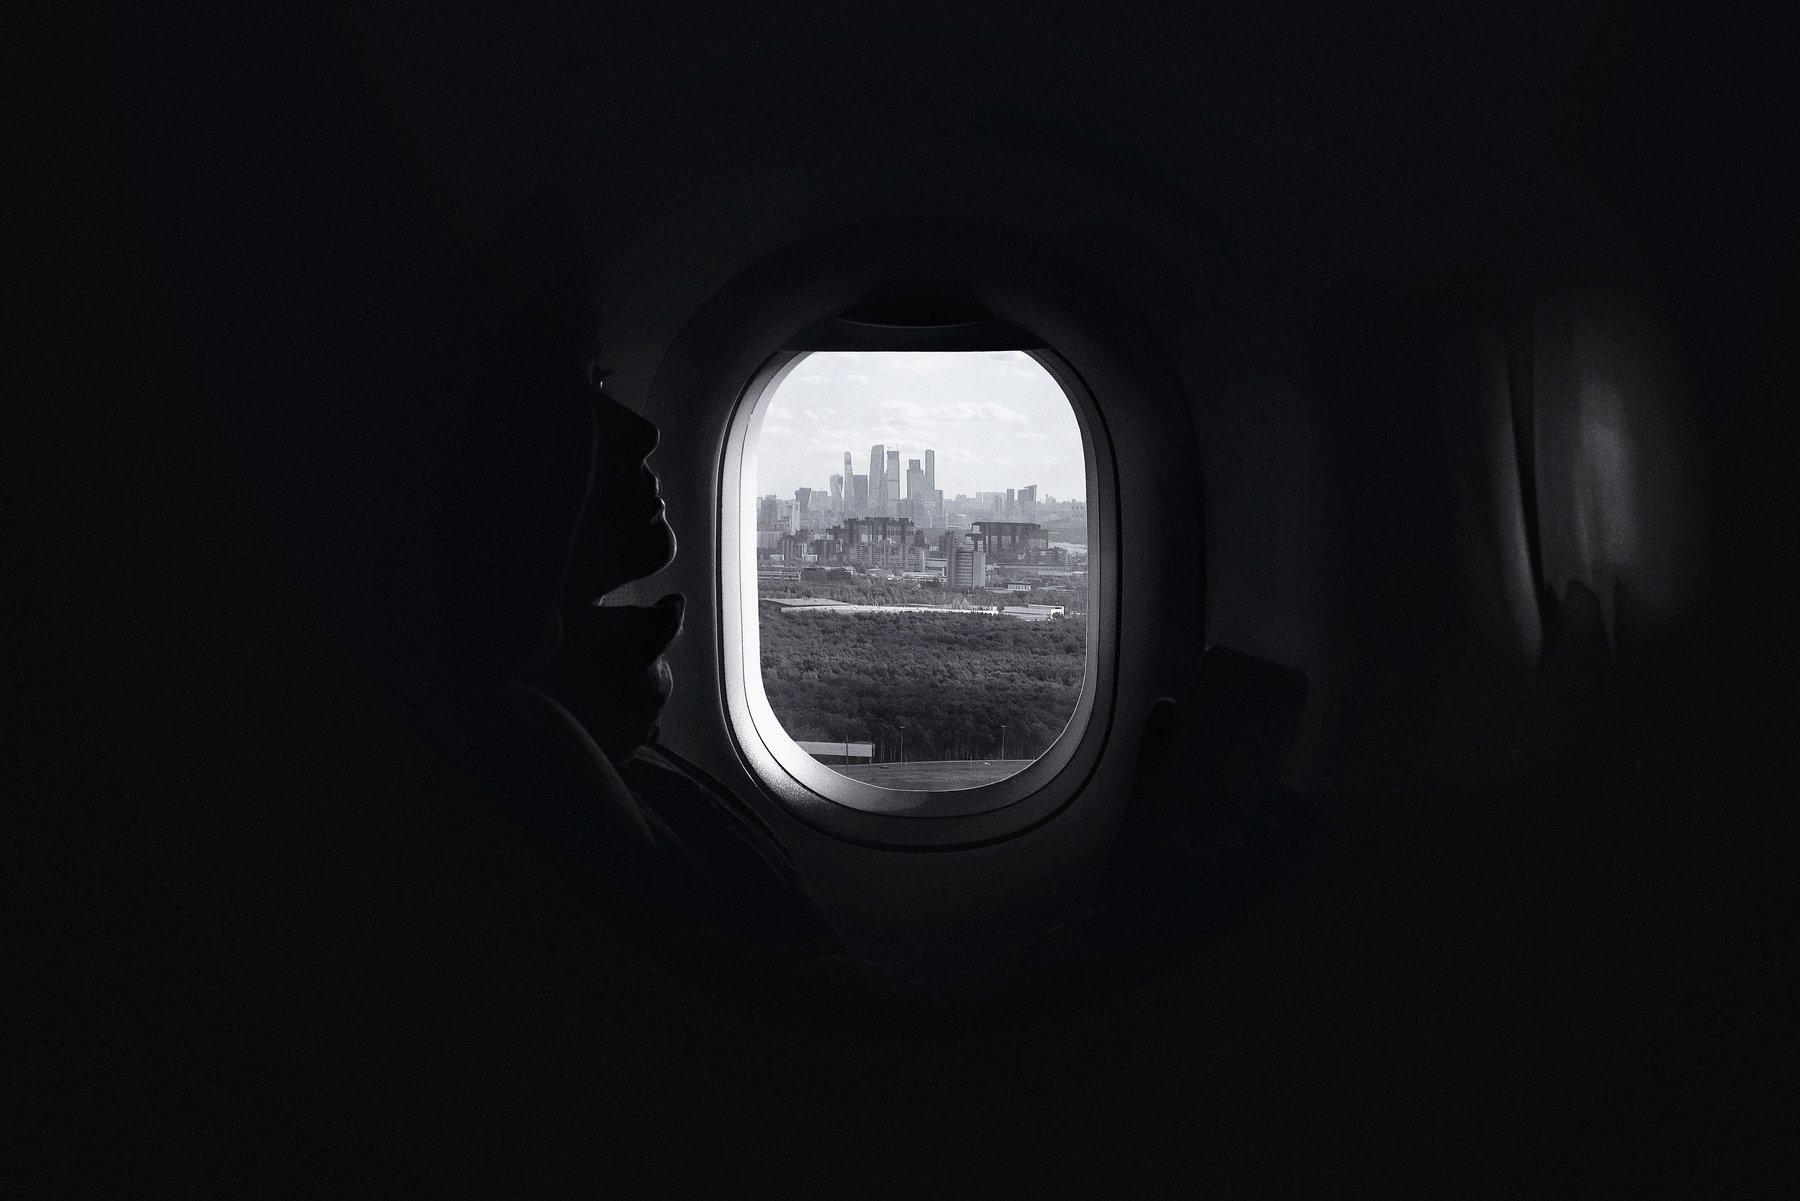 москва, самолет, аэропорт, чб, черно-белое, Алексей Ермаков